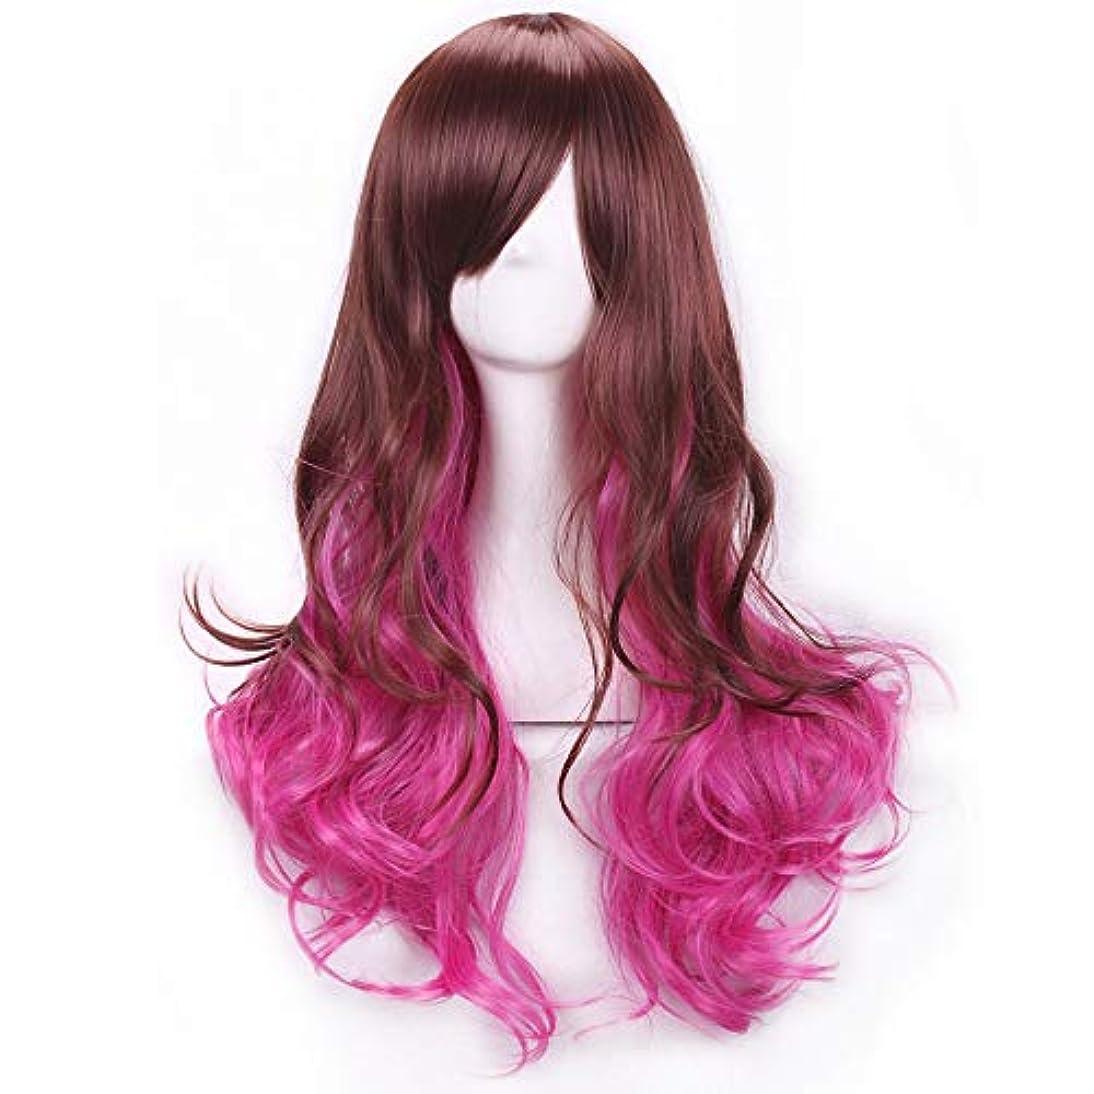 家主宿泊十代の若者たちかつらキャップでかつらファンシードレスカールかつら女性用高品質合成毛髪コスプレ高密度かつら女性&女の子用ブラウン、ピンク、パープル (Color : ピンク)